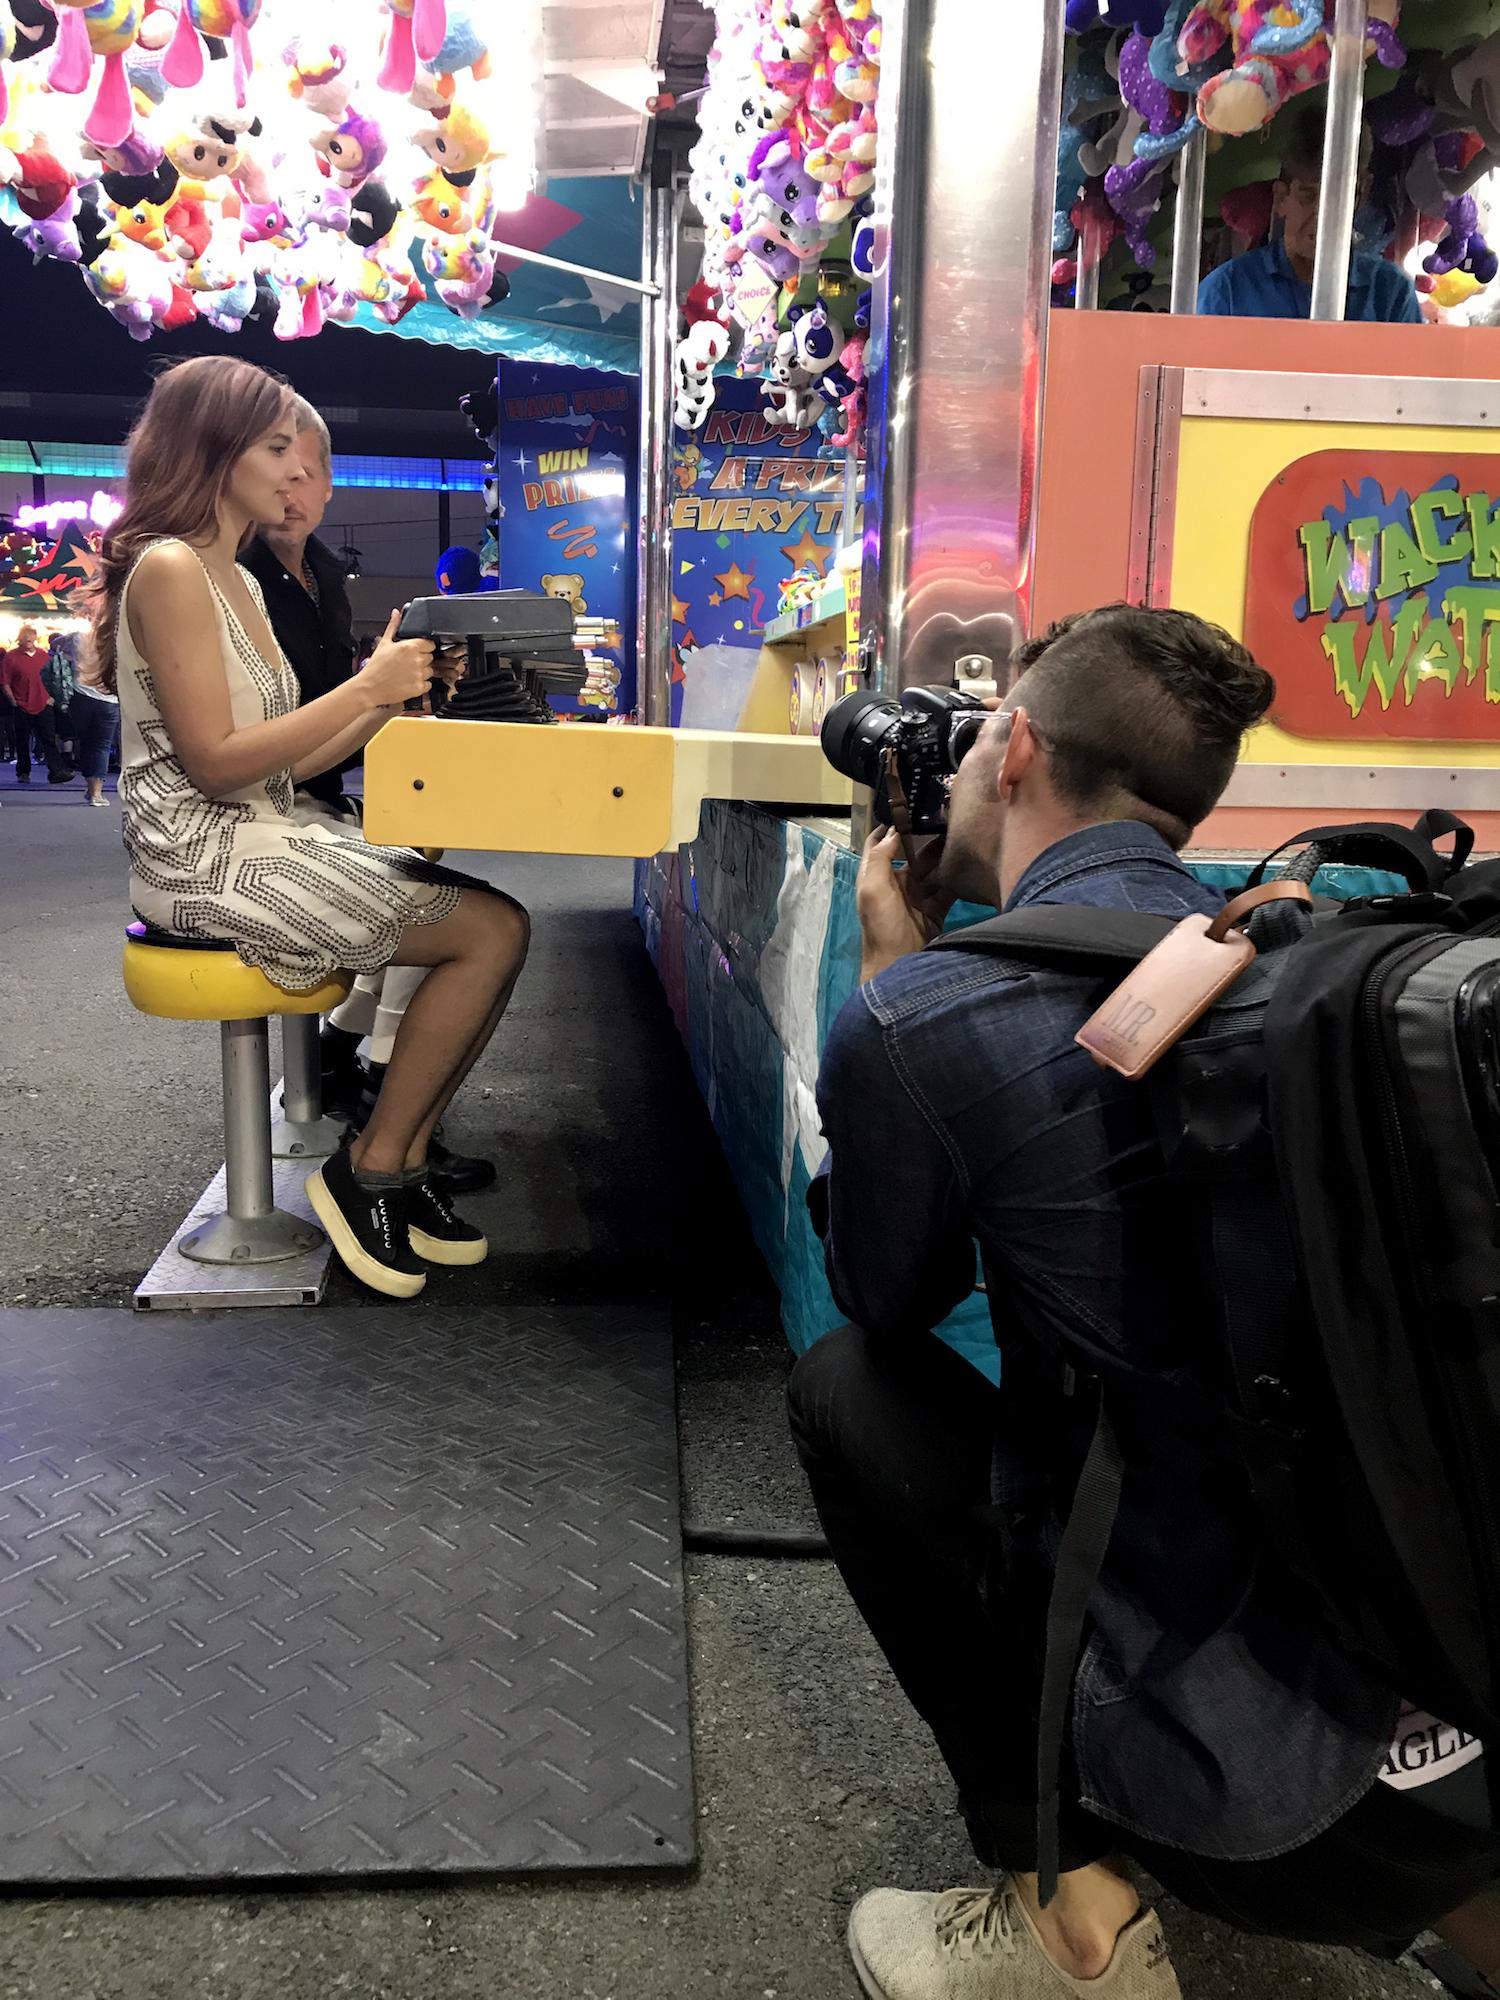 Molly Naef and Jake Roberts with Zach Murphy of ZAM Photo (zamphoto.net). Behind-the-scenes photo by Geena Matuson (@geenamatuson).